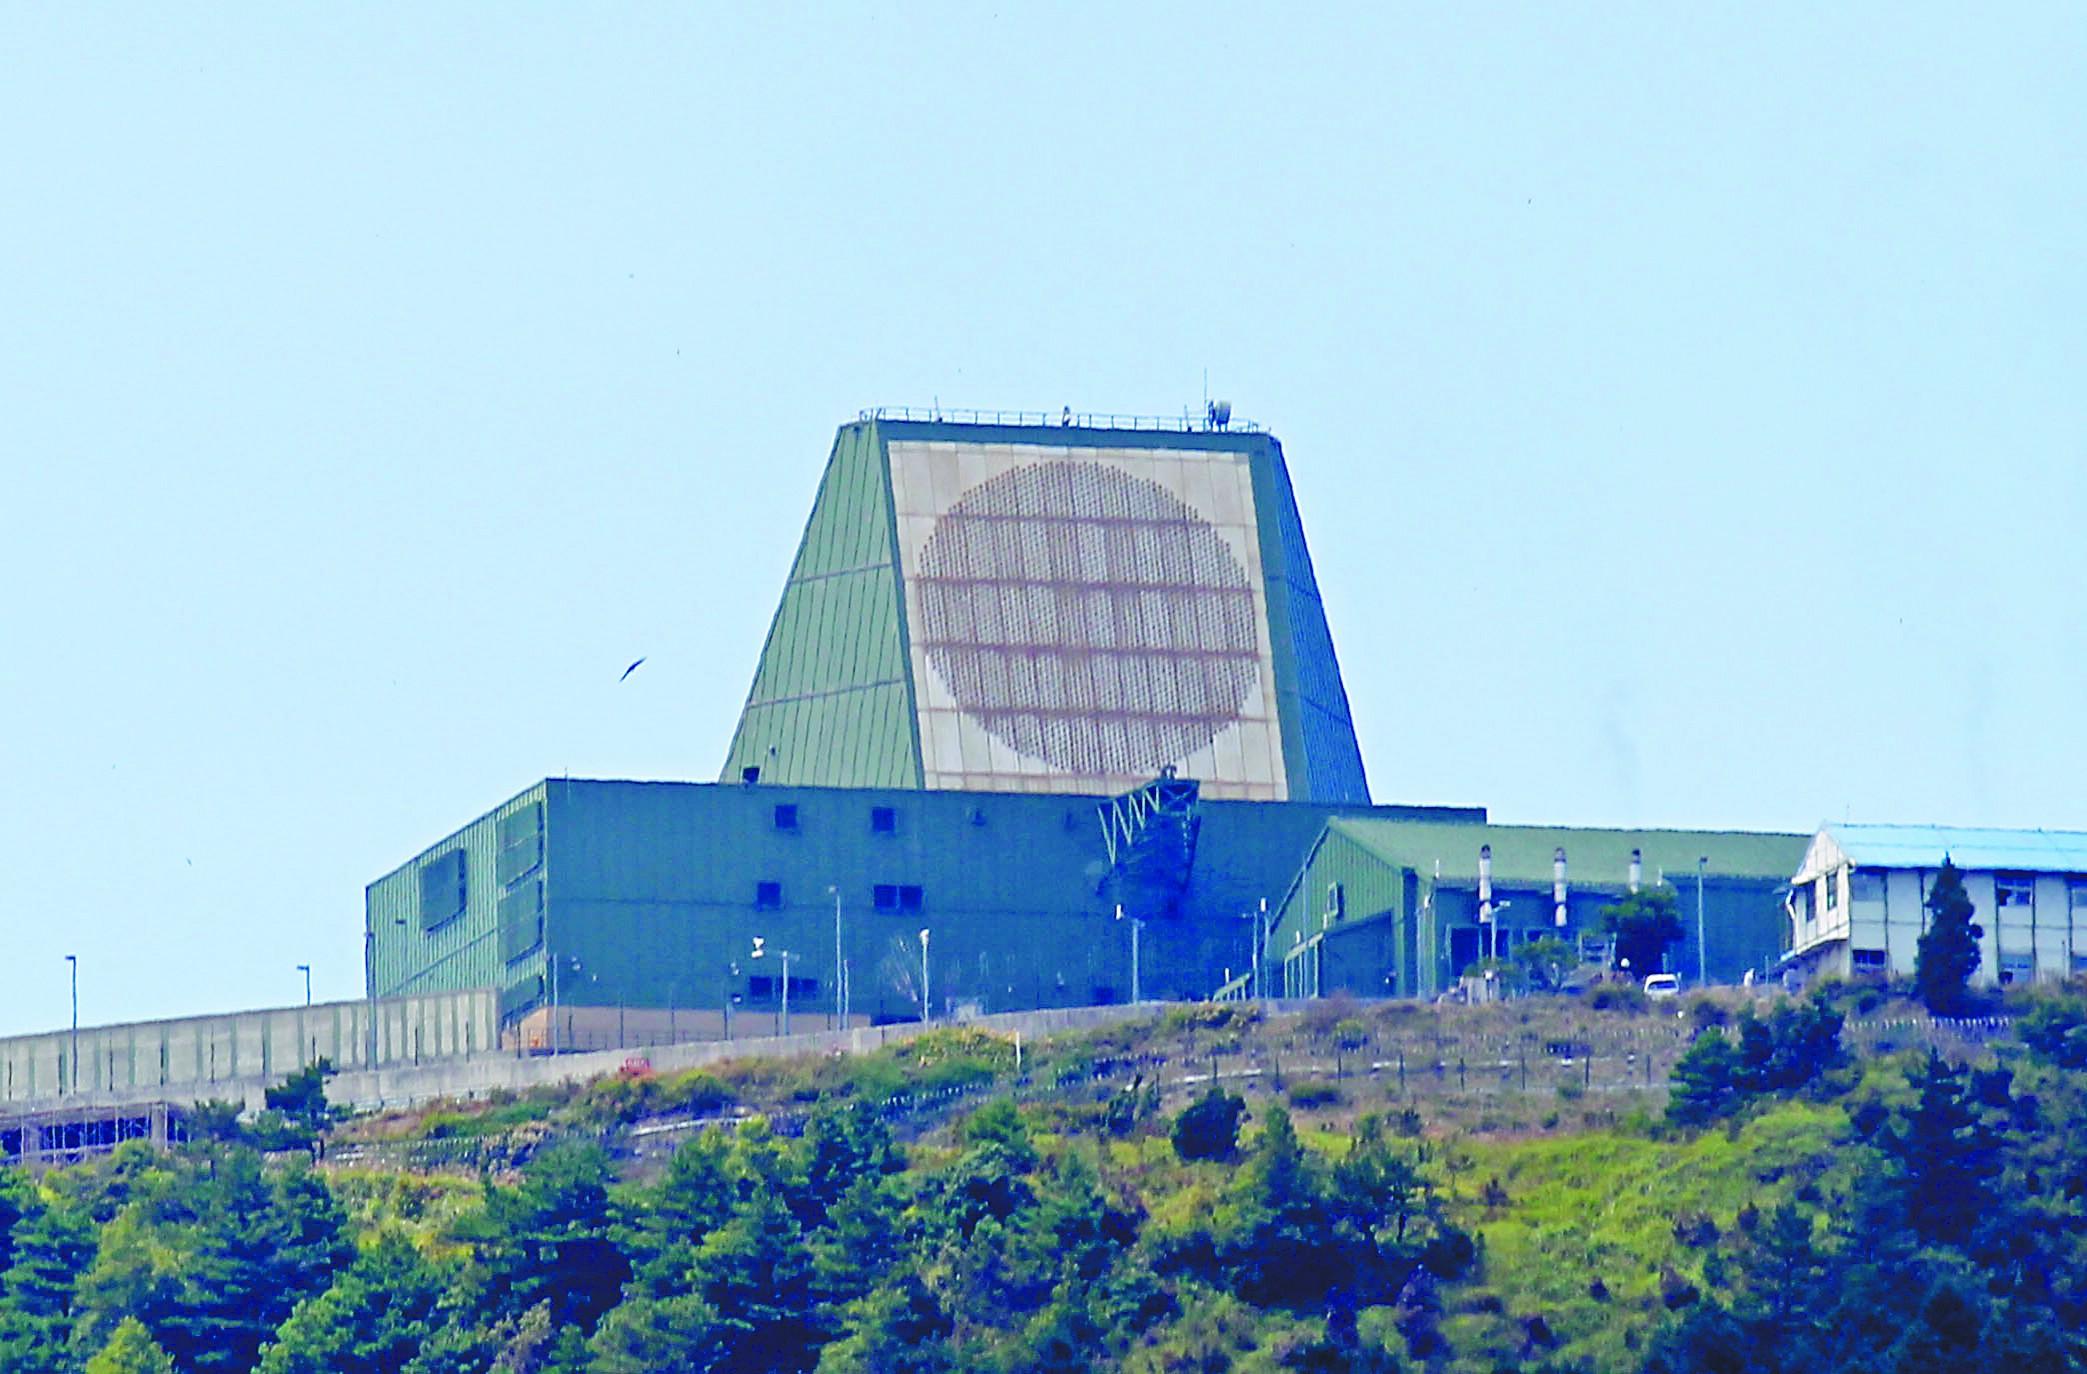 台军自吹将建成导弹预警系统 专家:假警概率高